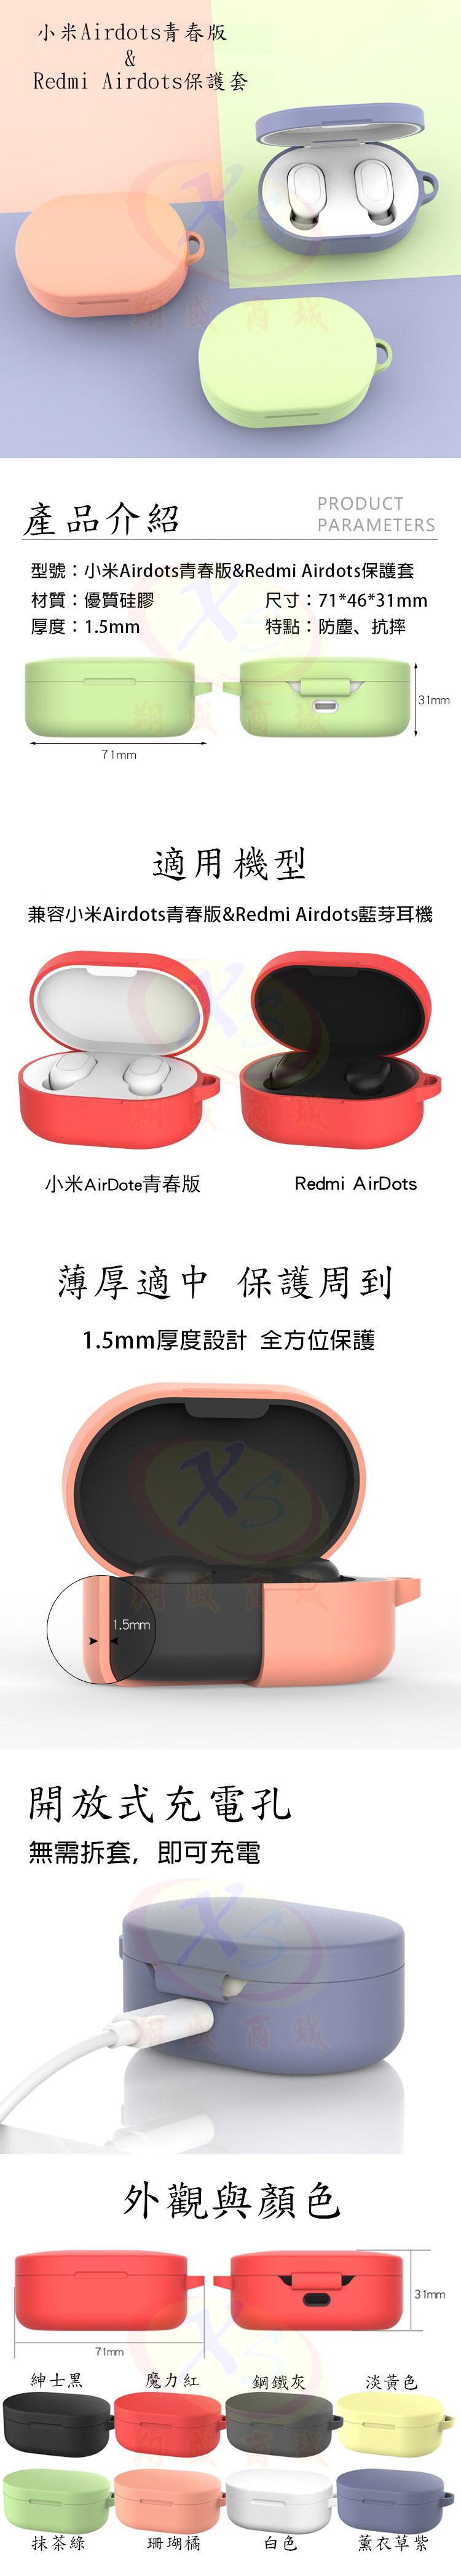 小米/紅米AirDots青春版藍芽耳機保護套 液態矽膠迷你真無線隱形耳塞式耳機防摔套 充電艙/充電倉耳機套